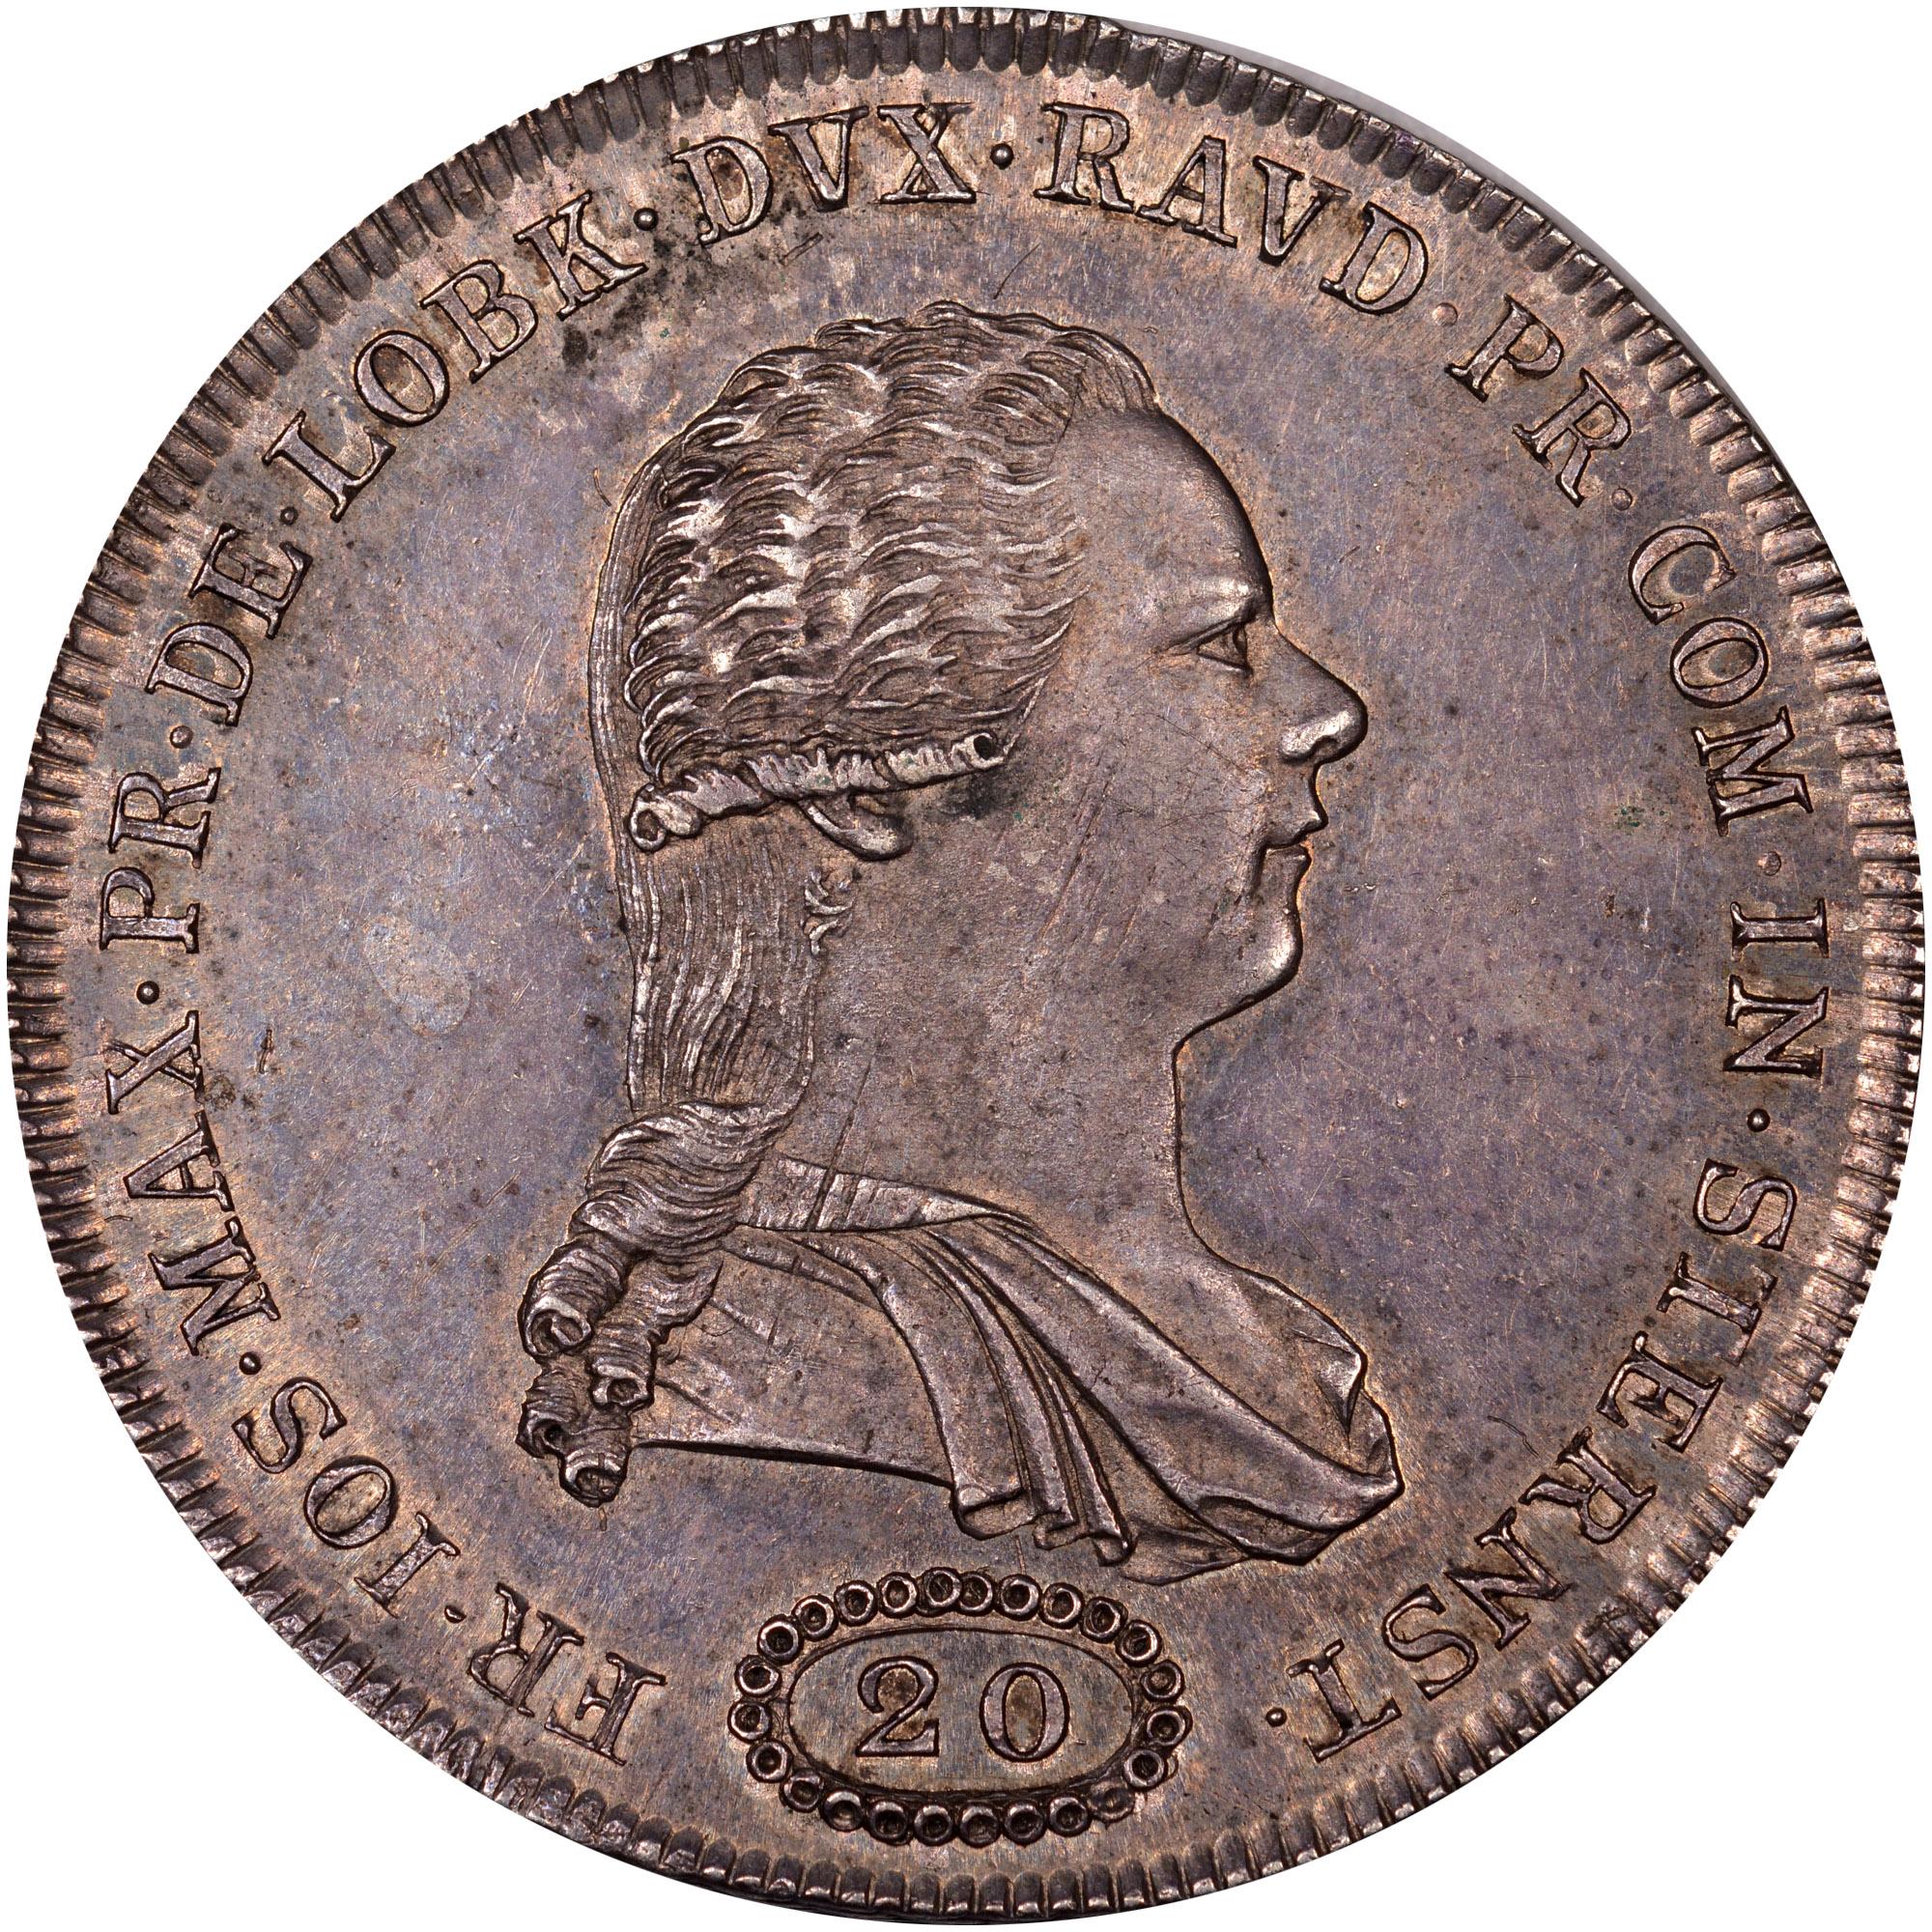 1794 Bohemia LOBKOWITZ-STERNSTEIN 20 Kreuzer obverse